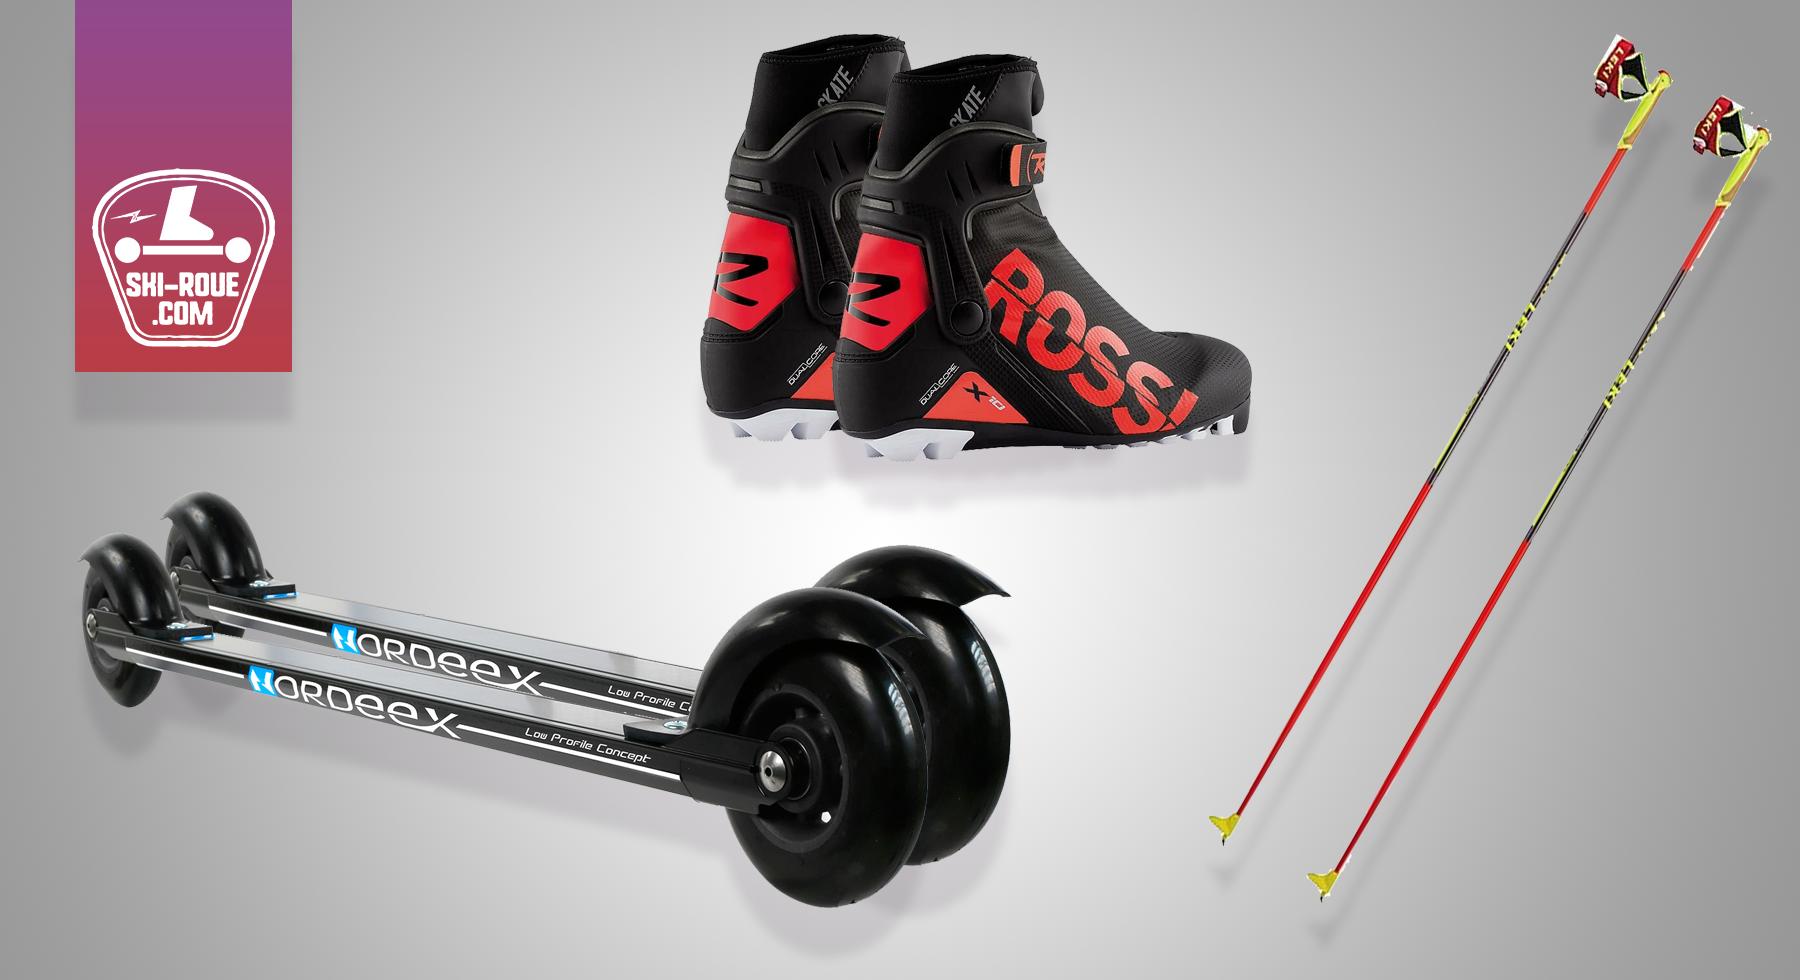 Pack ski-roue Noël